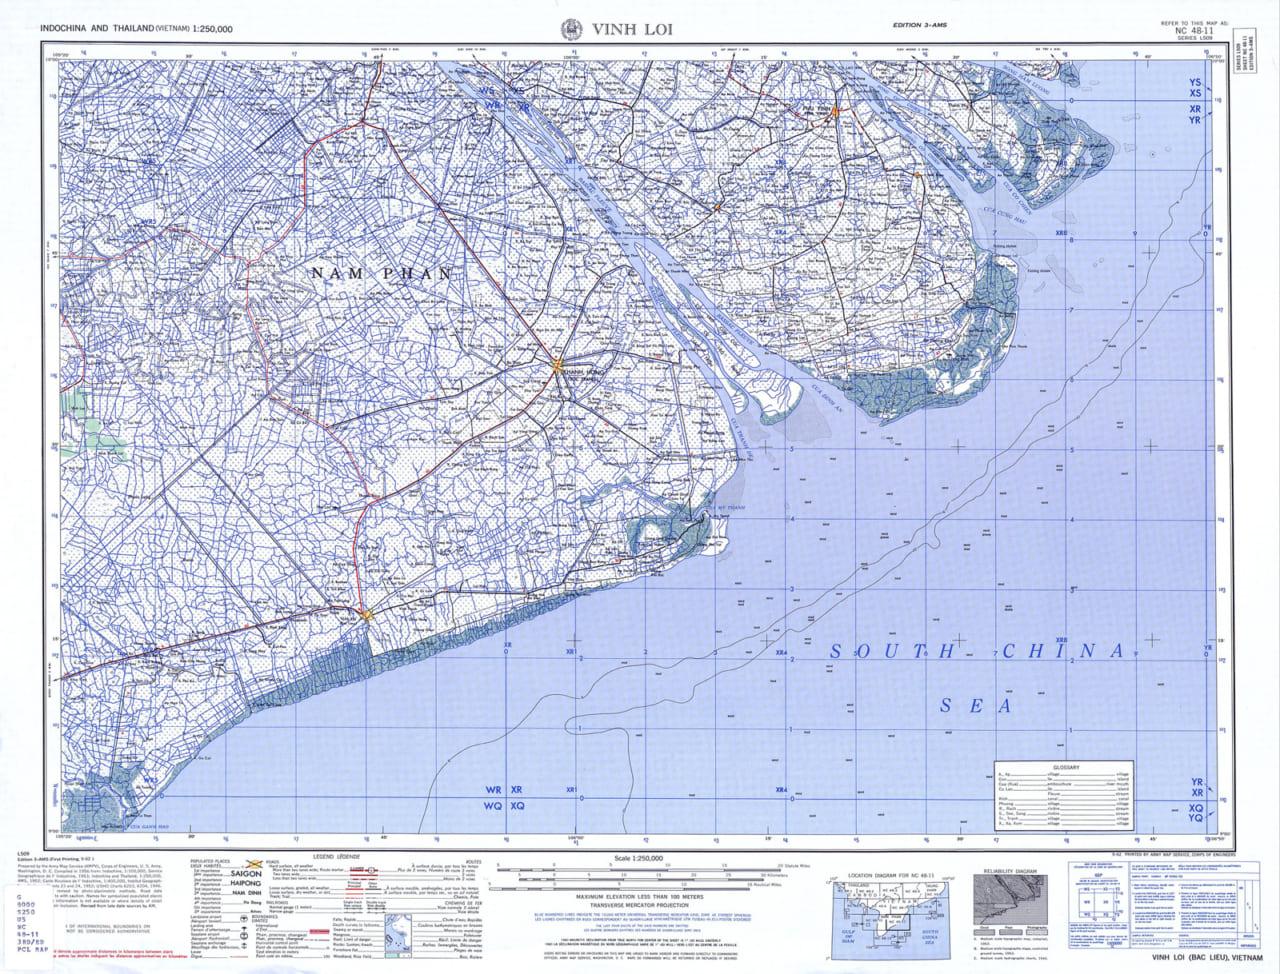 Bản đồ Vĩnh Lợi (Thuộc tỉnh Sóc Trăng trước đây) năm 1954